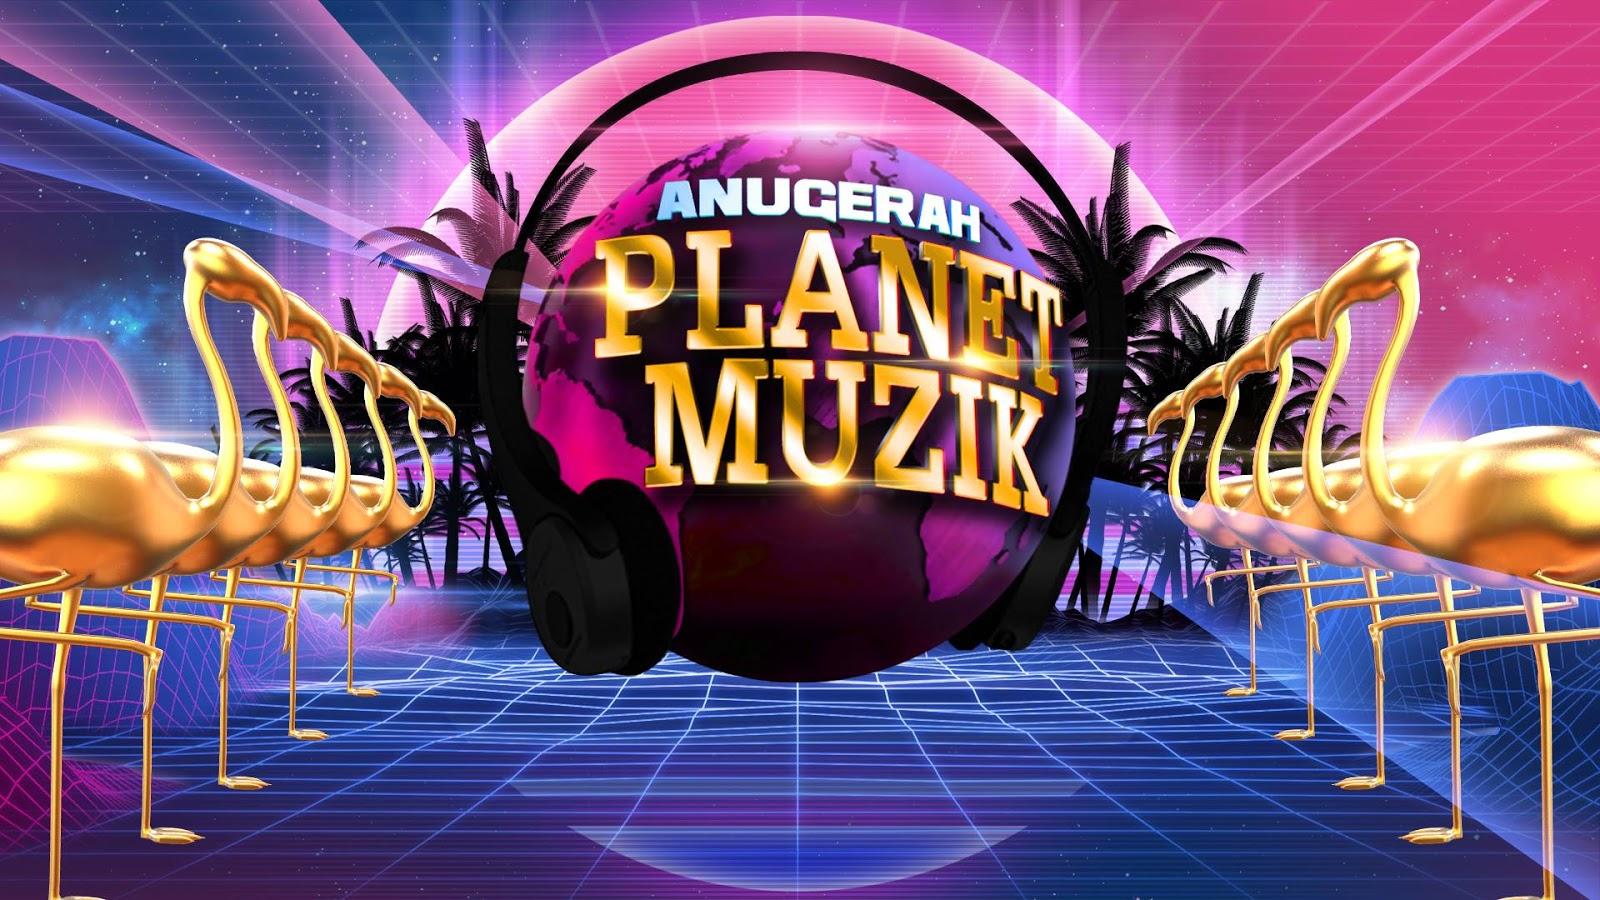 Anugerah Planet Muzik 2018 (APM2018)